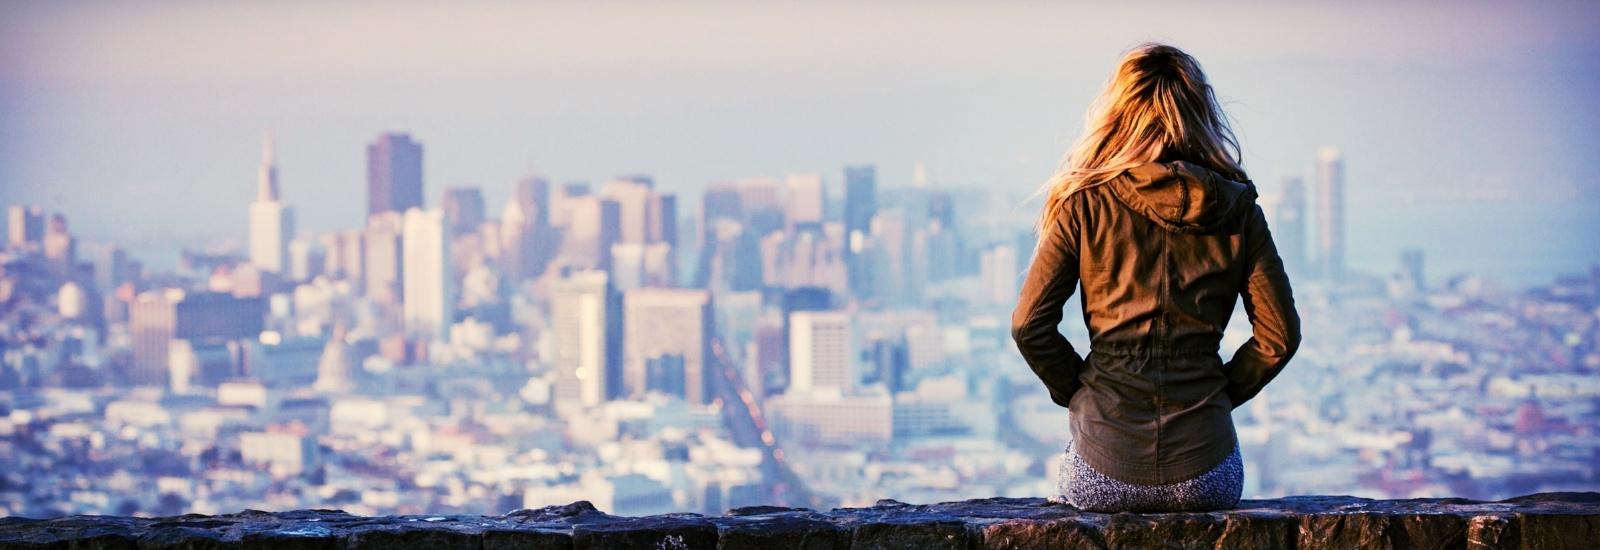 Girl looking at city-521955-edited.jpeg